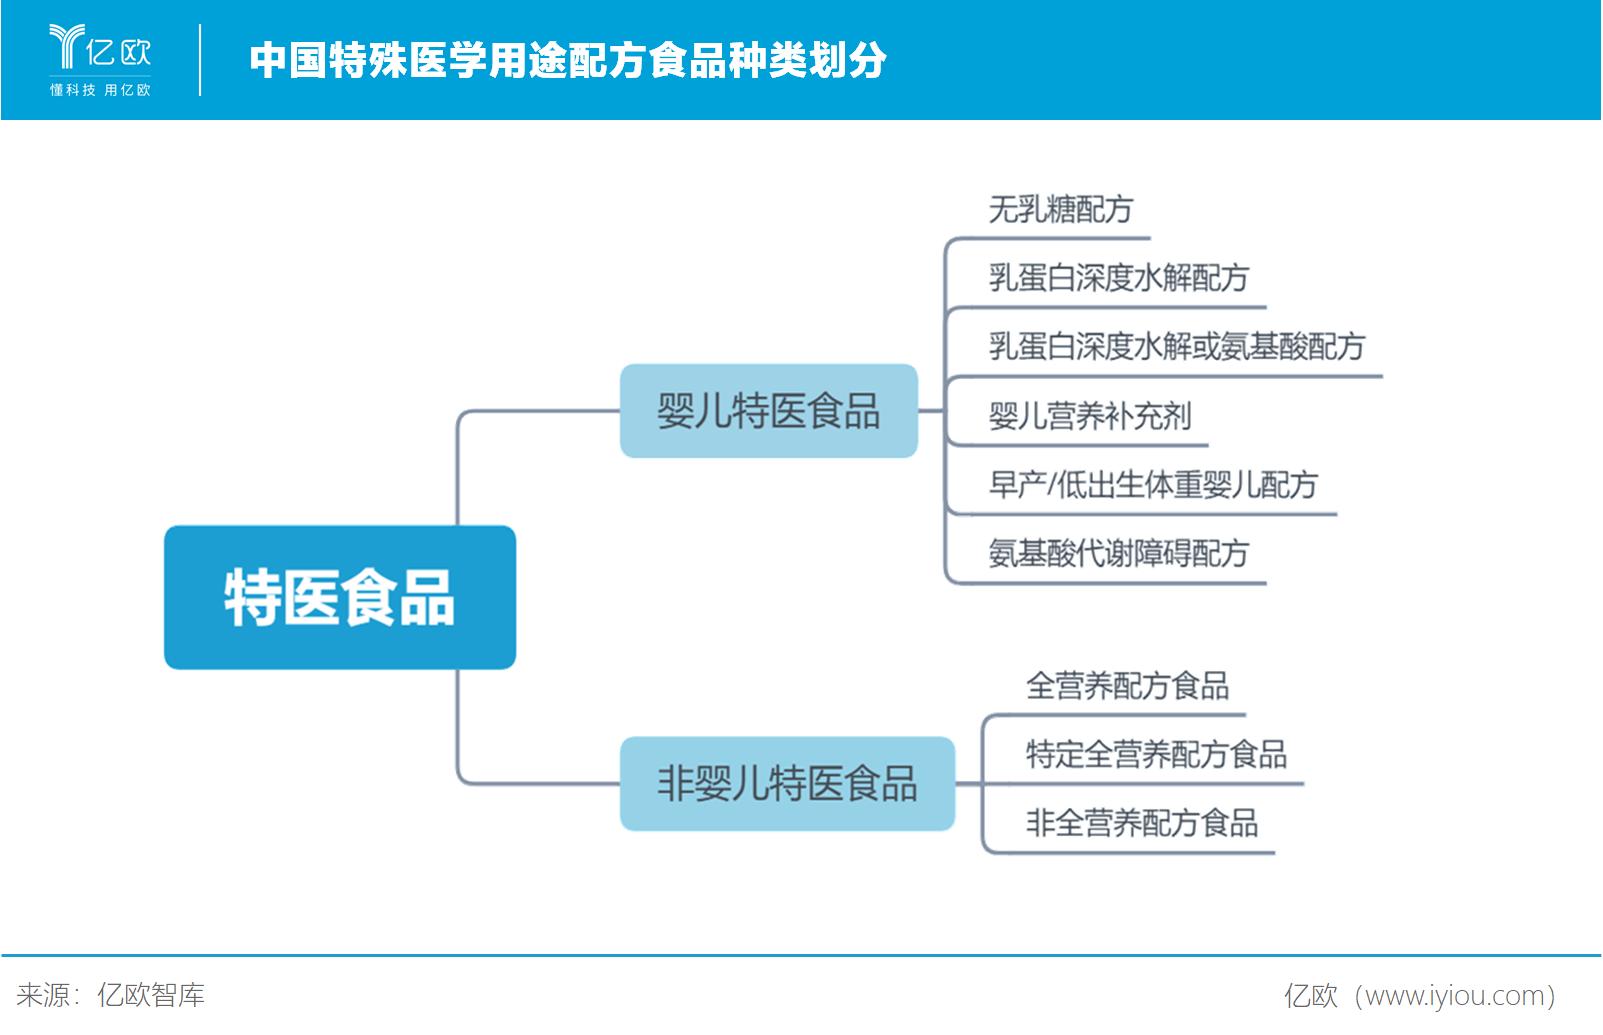 中国特殊医学用途配方食品种类划分.png.png